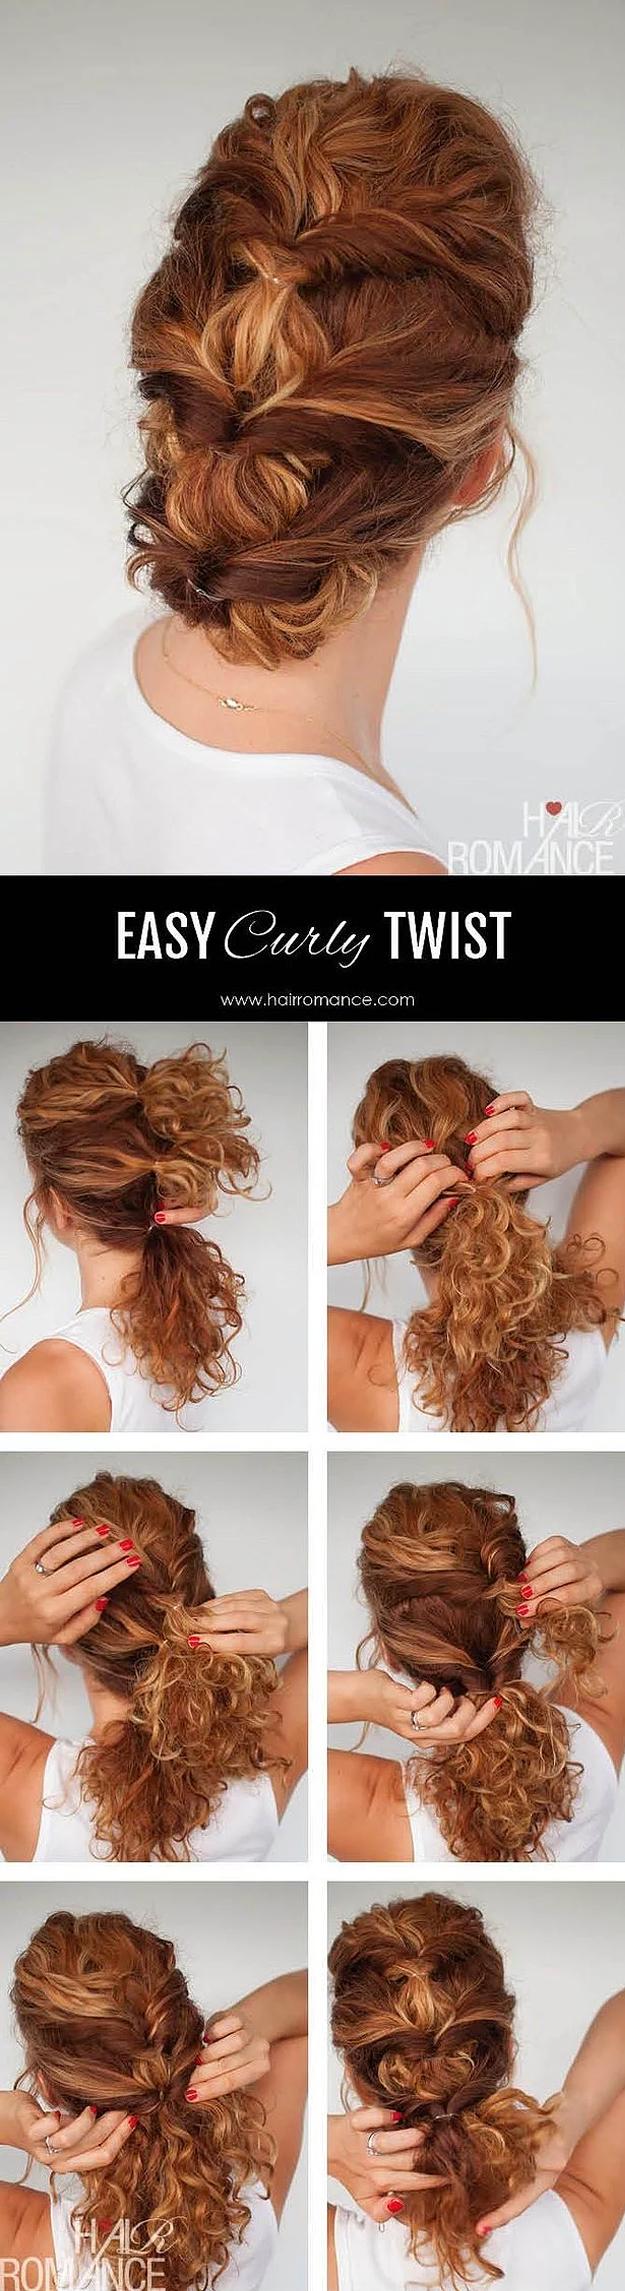 Как сделать быстро кудри на средней длины волосах